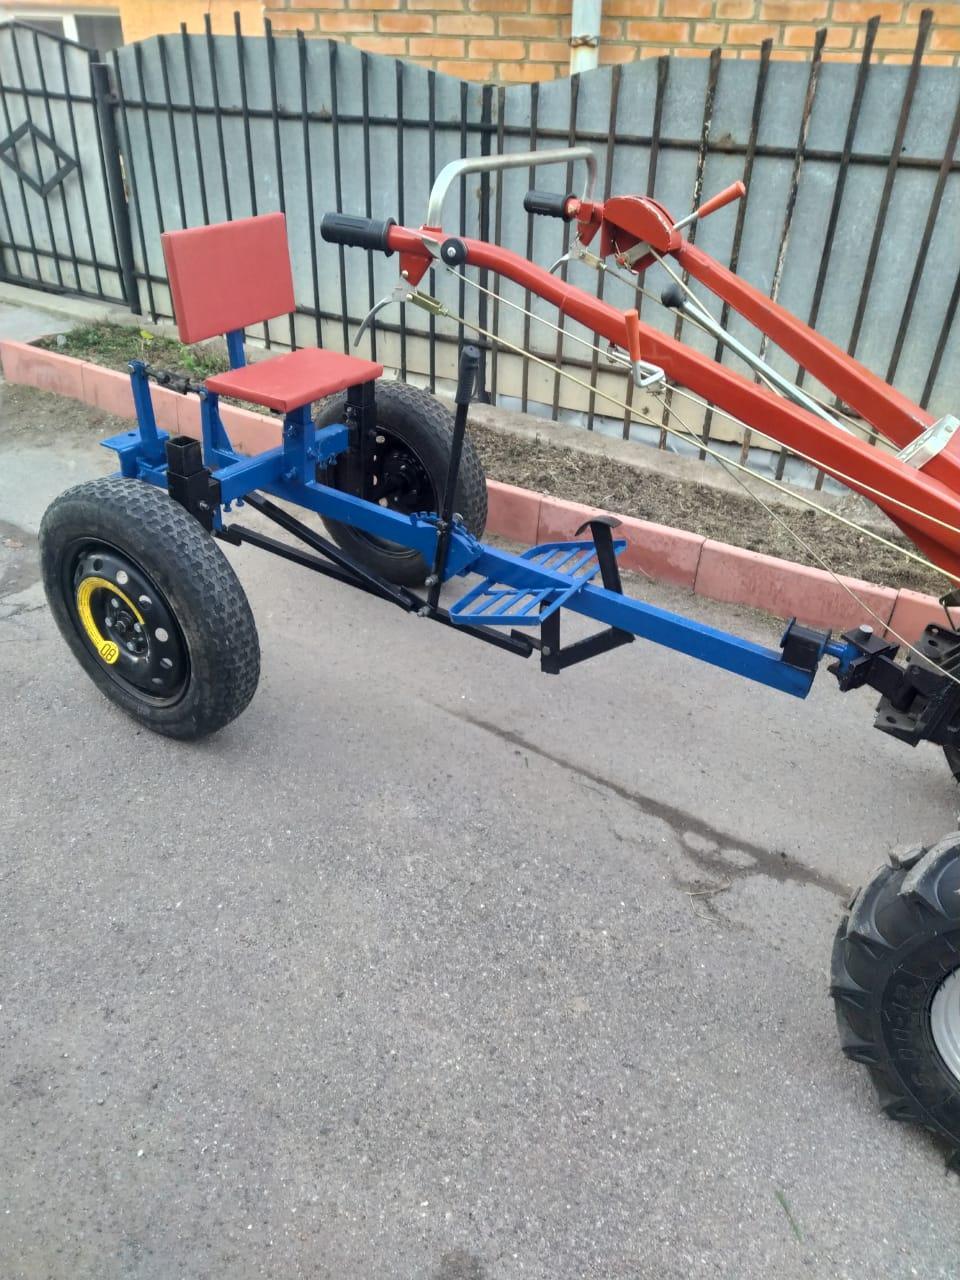 Адаптер для мотоблока ТМ Зализо под жигулевские колёса(регулируемое дышло)